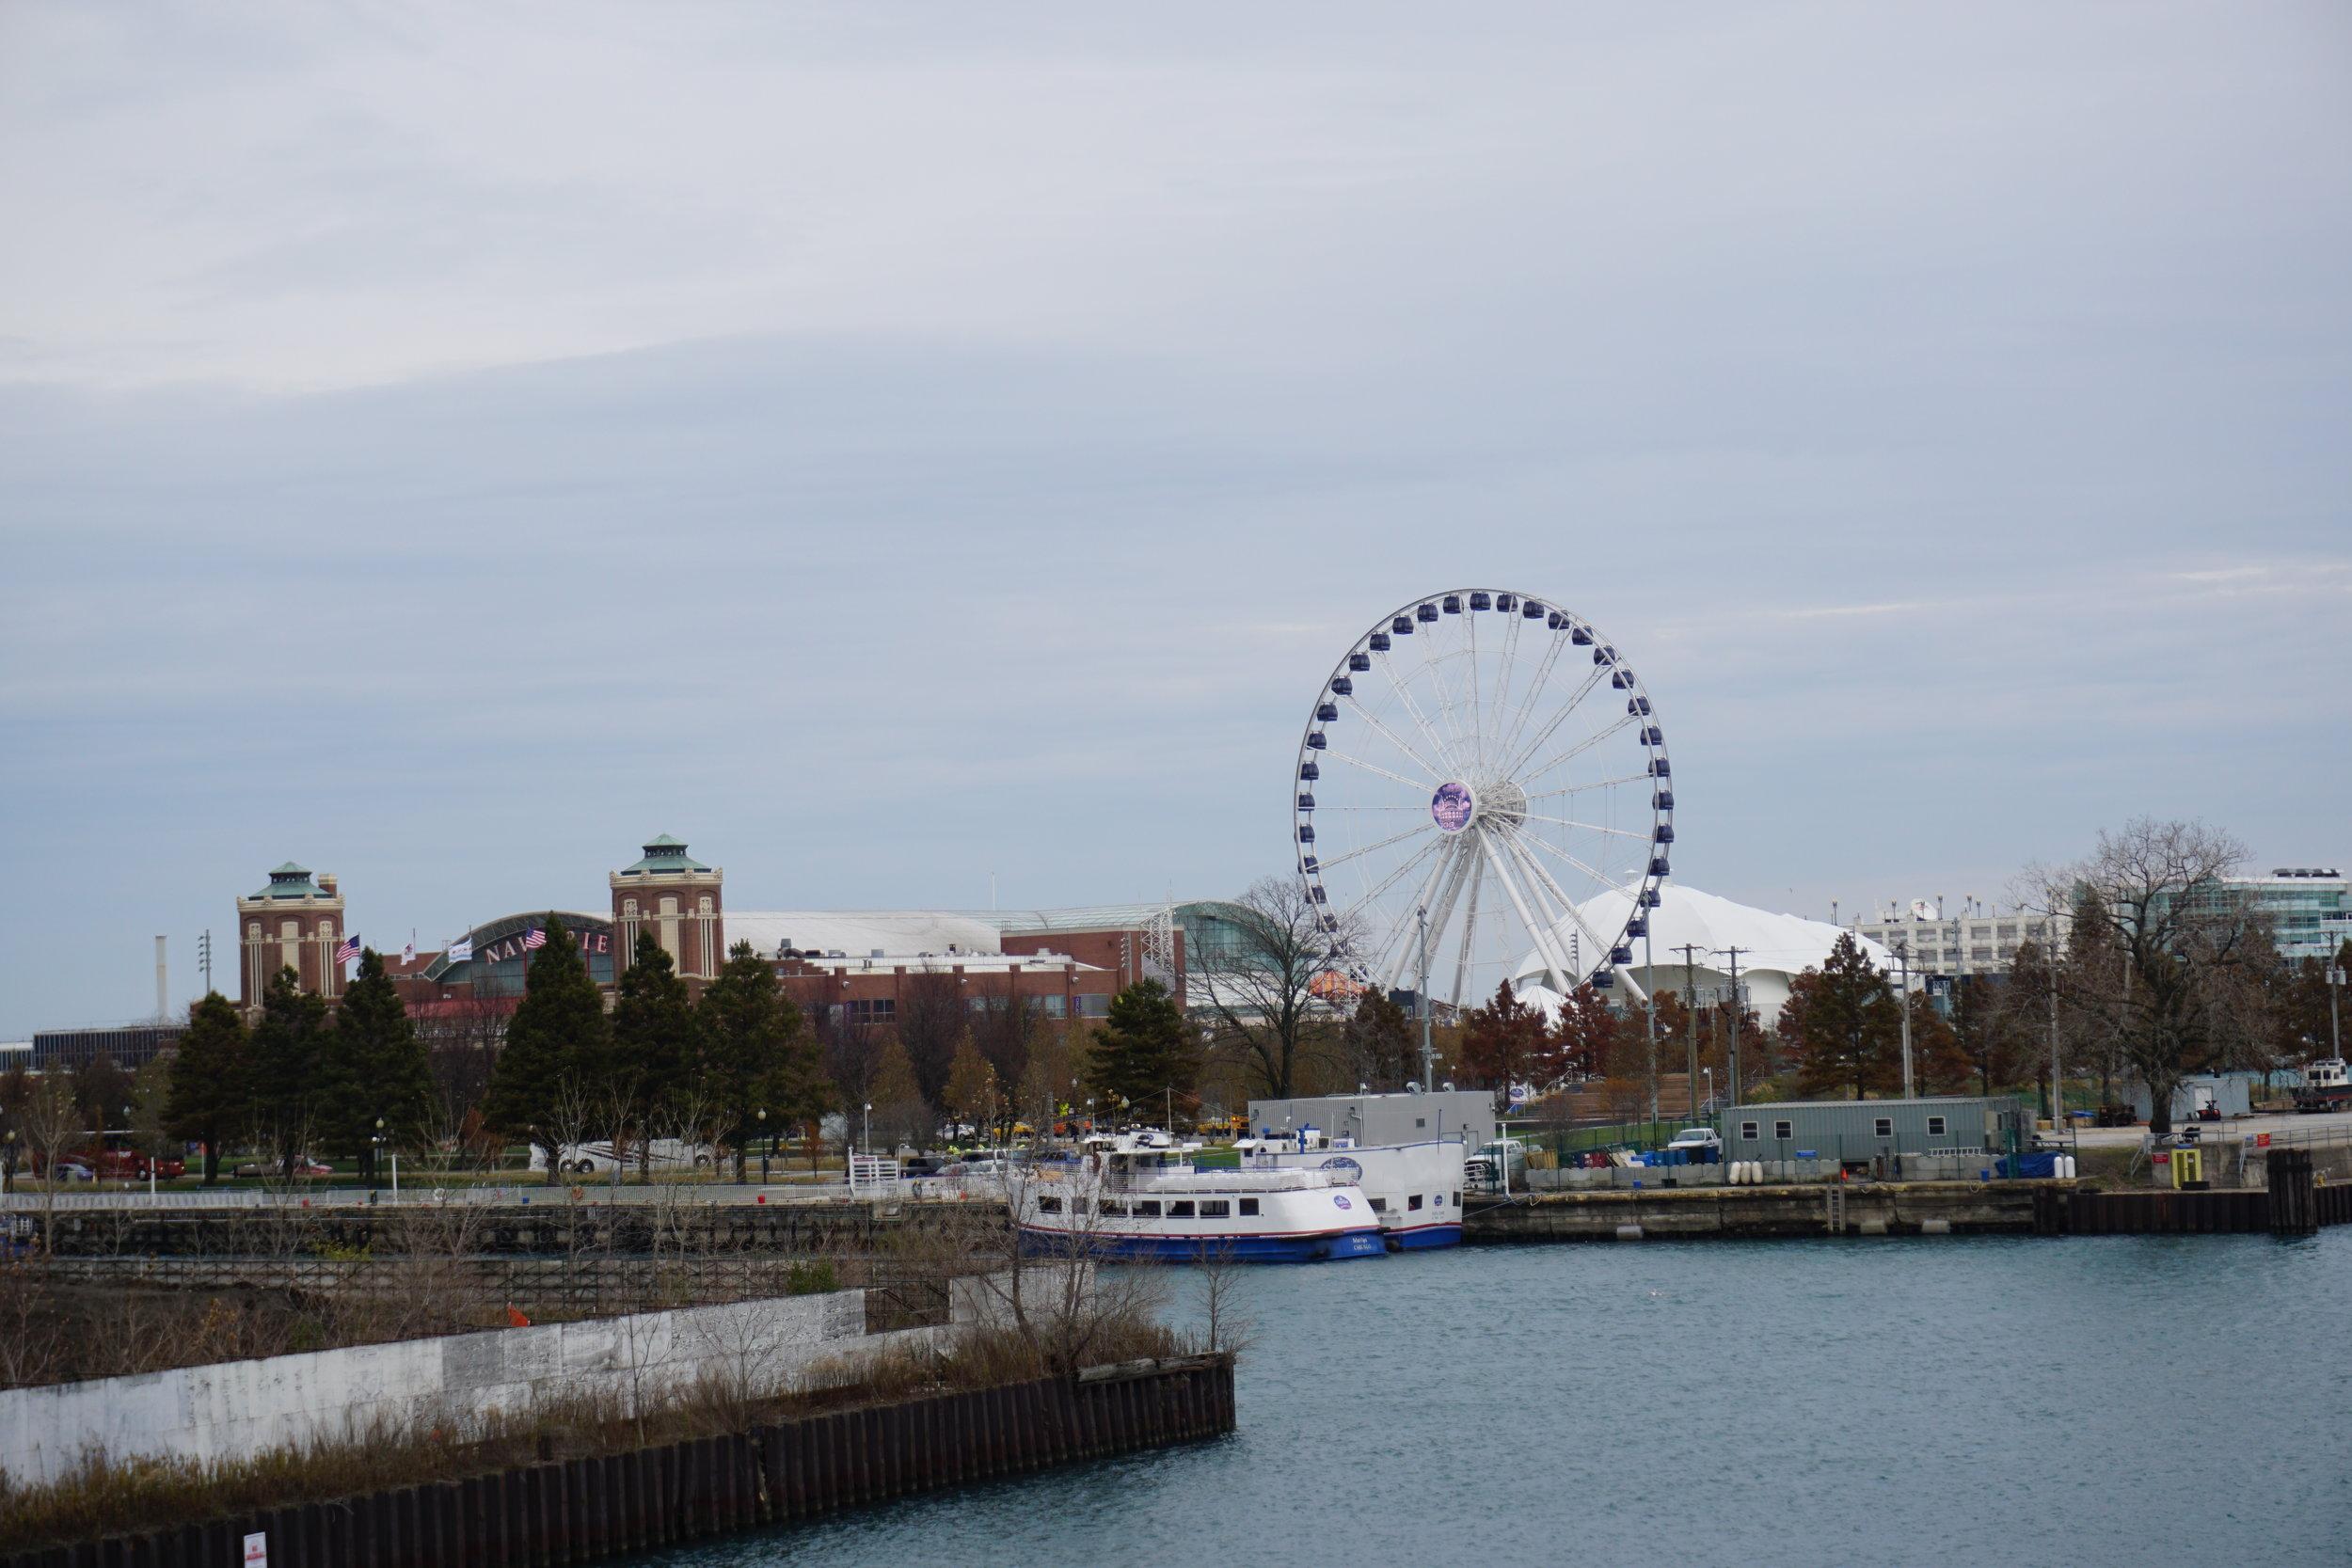 The Centennial Ferris Wheel at Navy Pier.